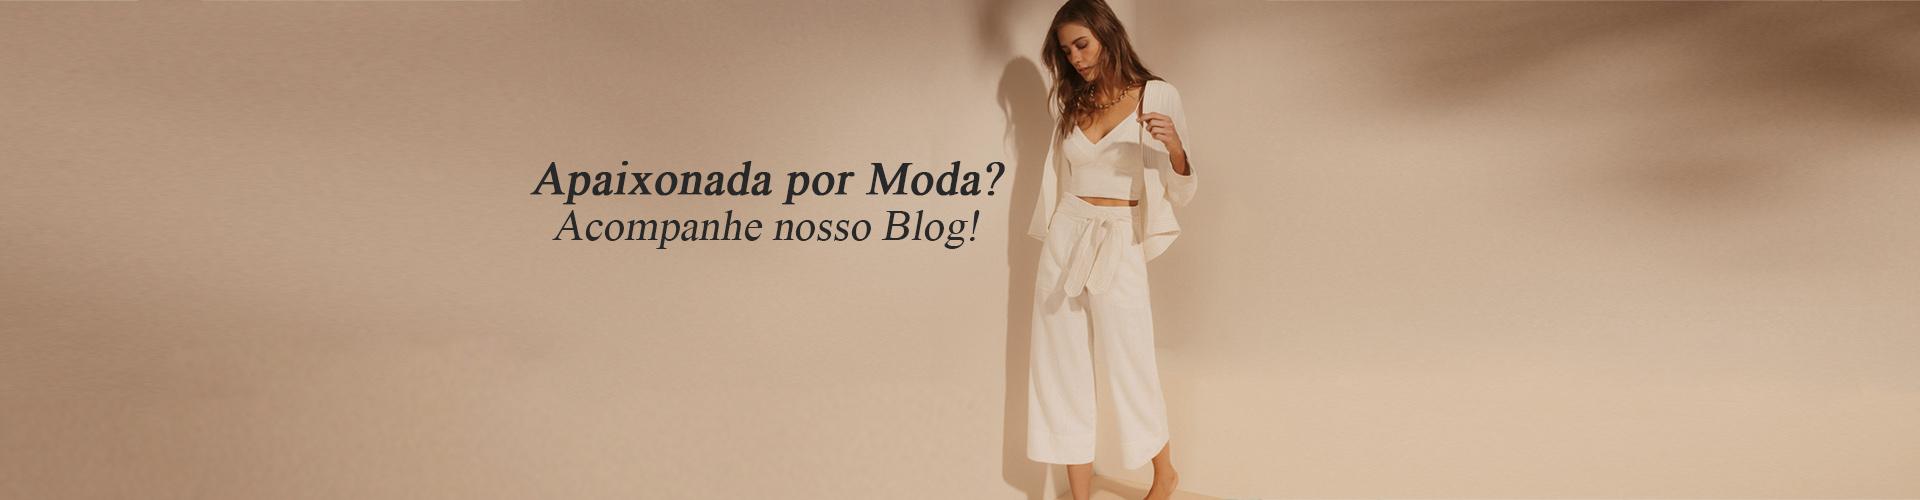 Apaixonada por moda? Acompanhe o nosso blog!